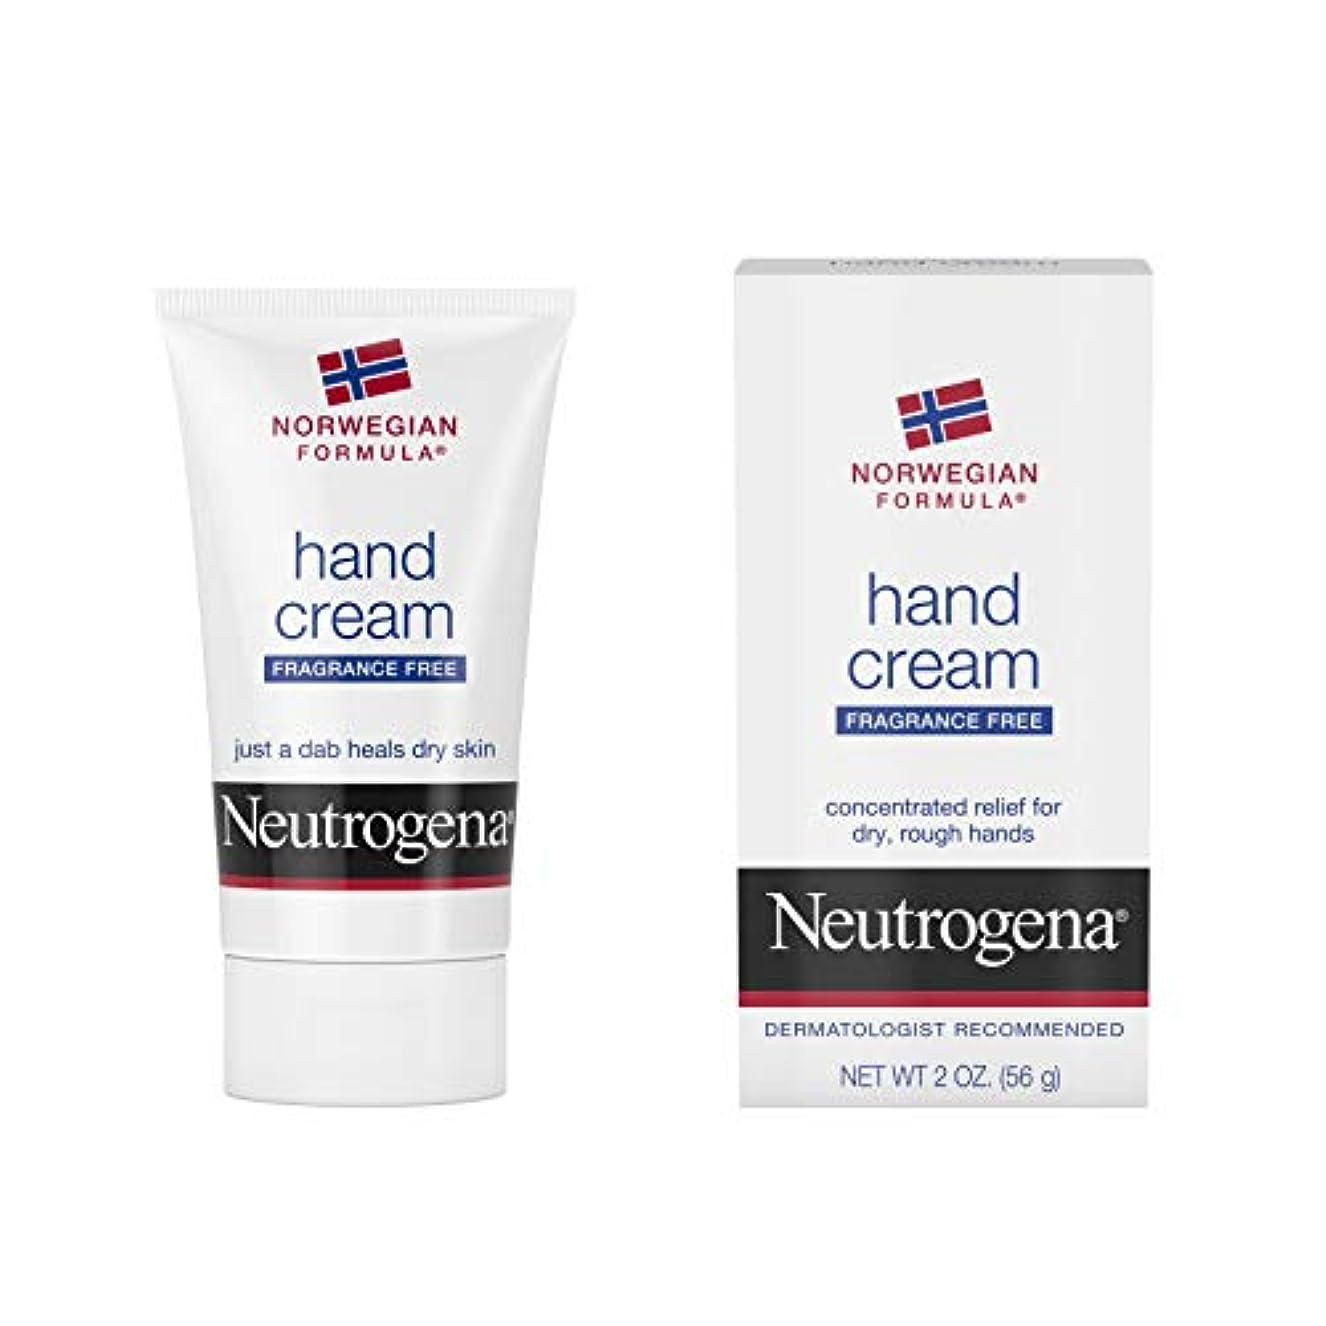 回転するとんでもない虚弱Neutrogena Norwegian Formula Hand Cream Fragrance-Free 60 ml (並行輸入品)